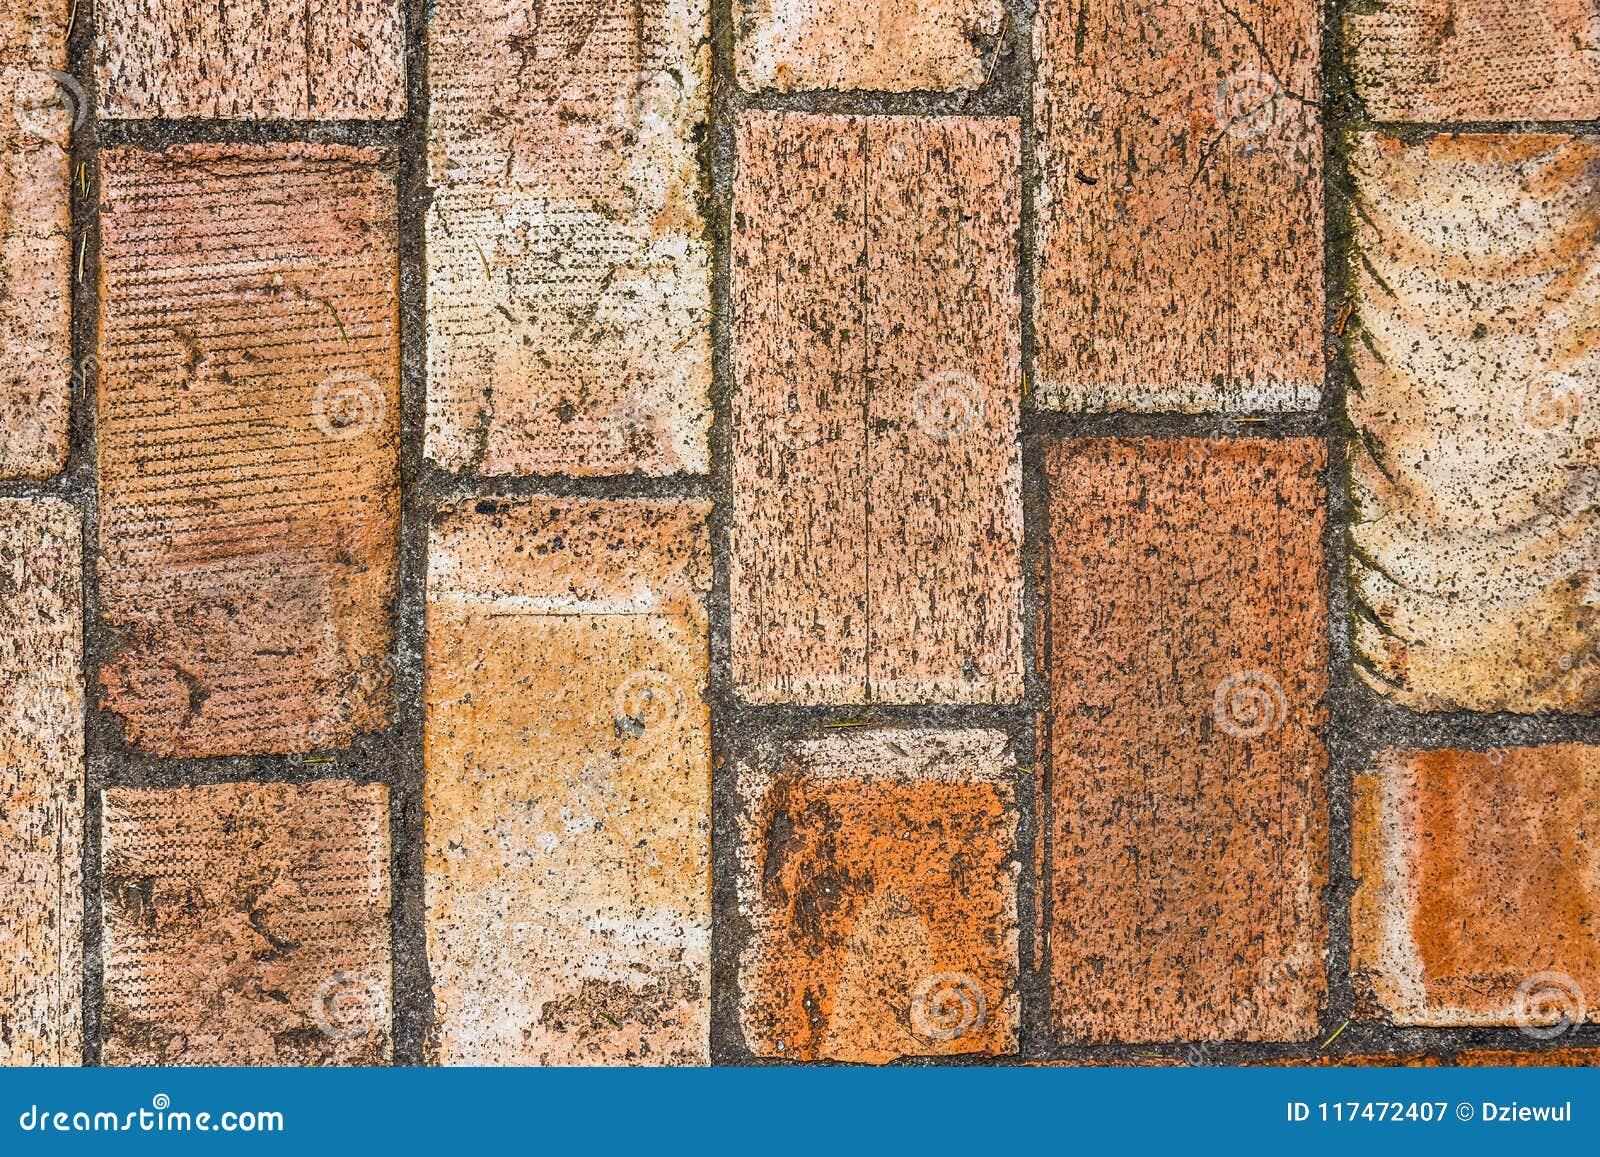 Wall of big brown bricks